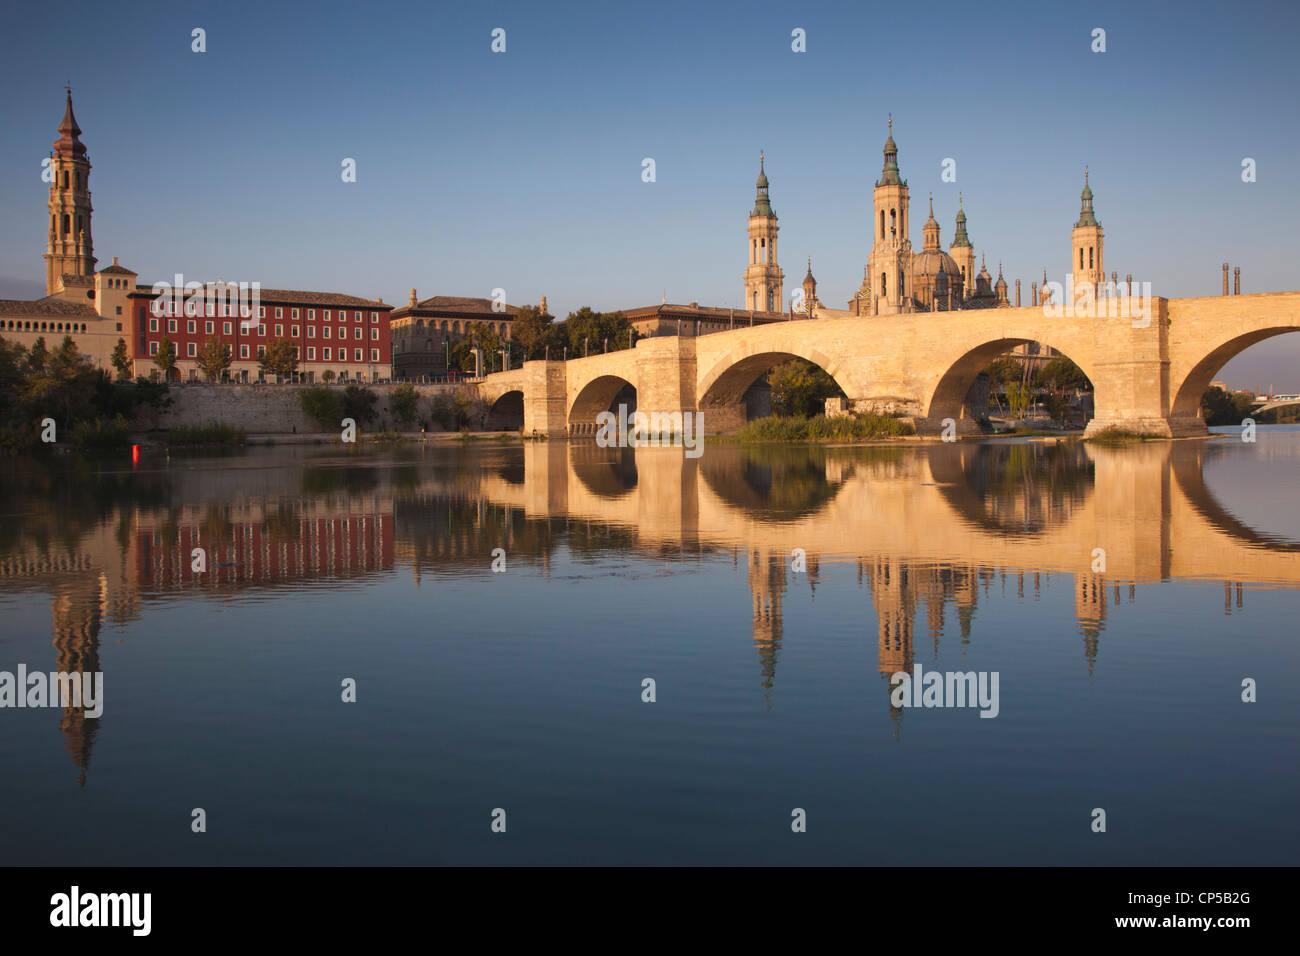 Spain, Aragon Region, Zaragoza, Basilica de Nuestra Senora de Pilar and the Puente de Piedra bridge, on the Ebro - Stock Image